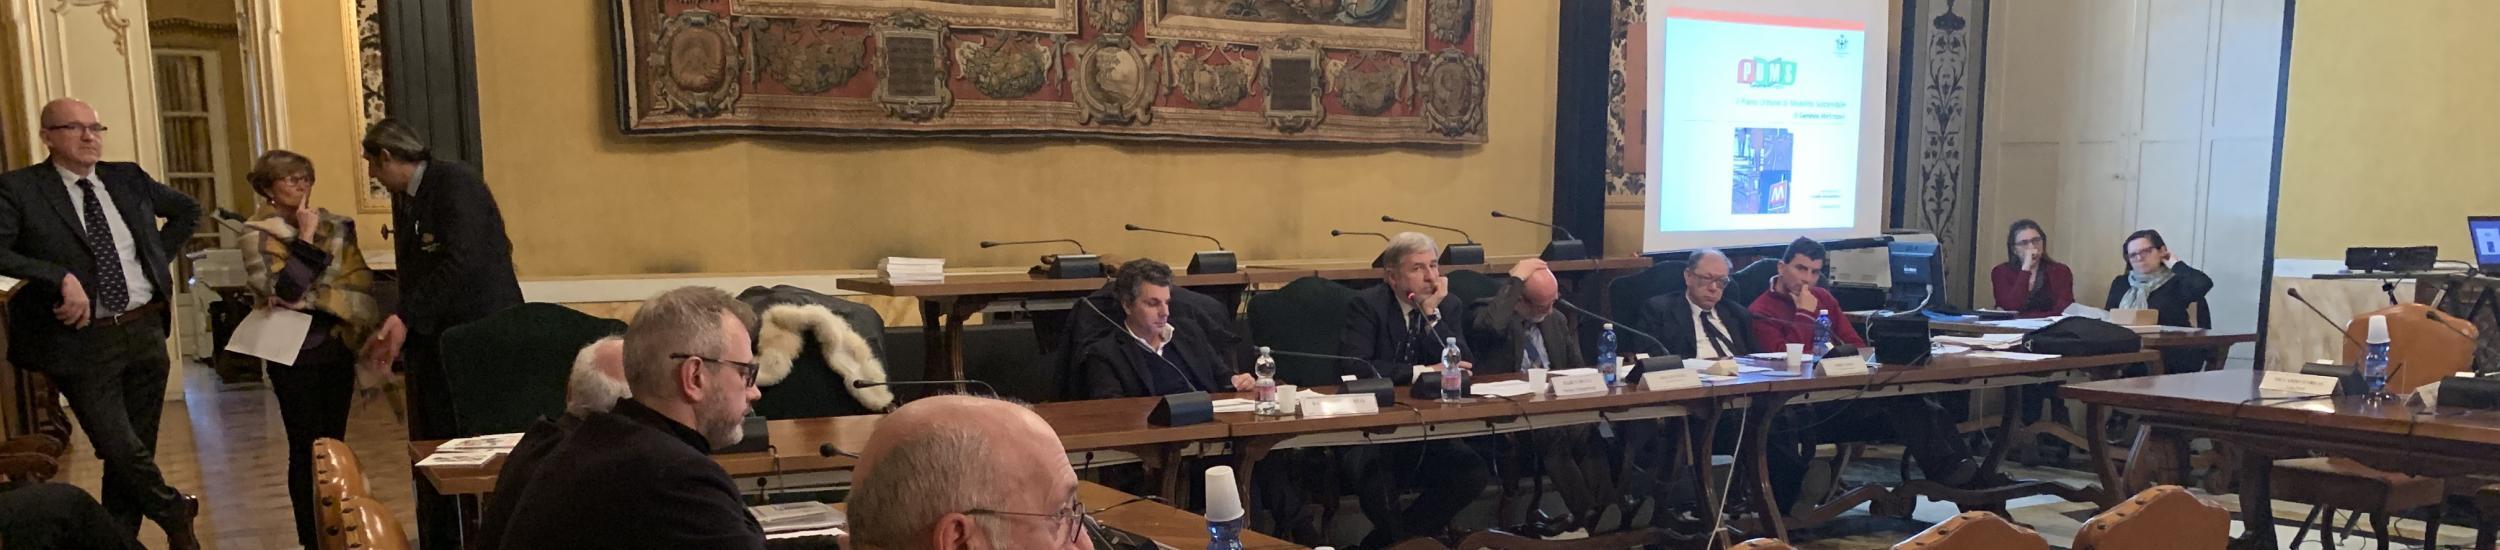 IMG Prime sedute di Conferenza e Consiglio del 2019